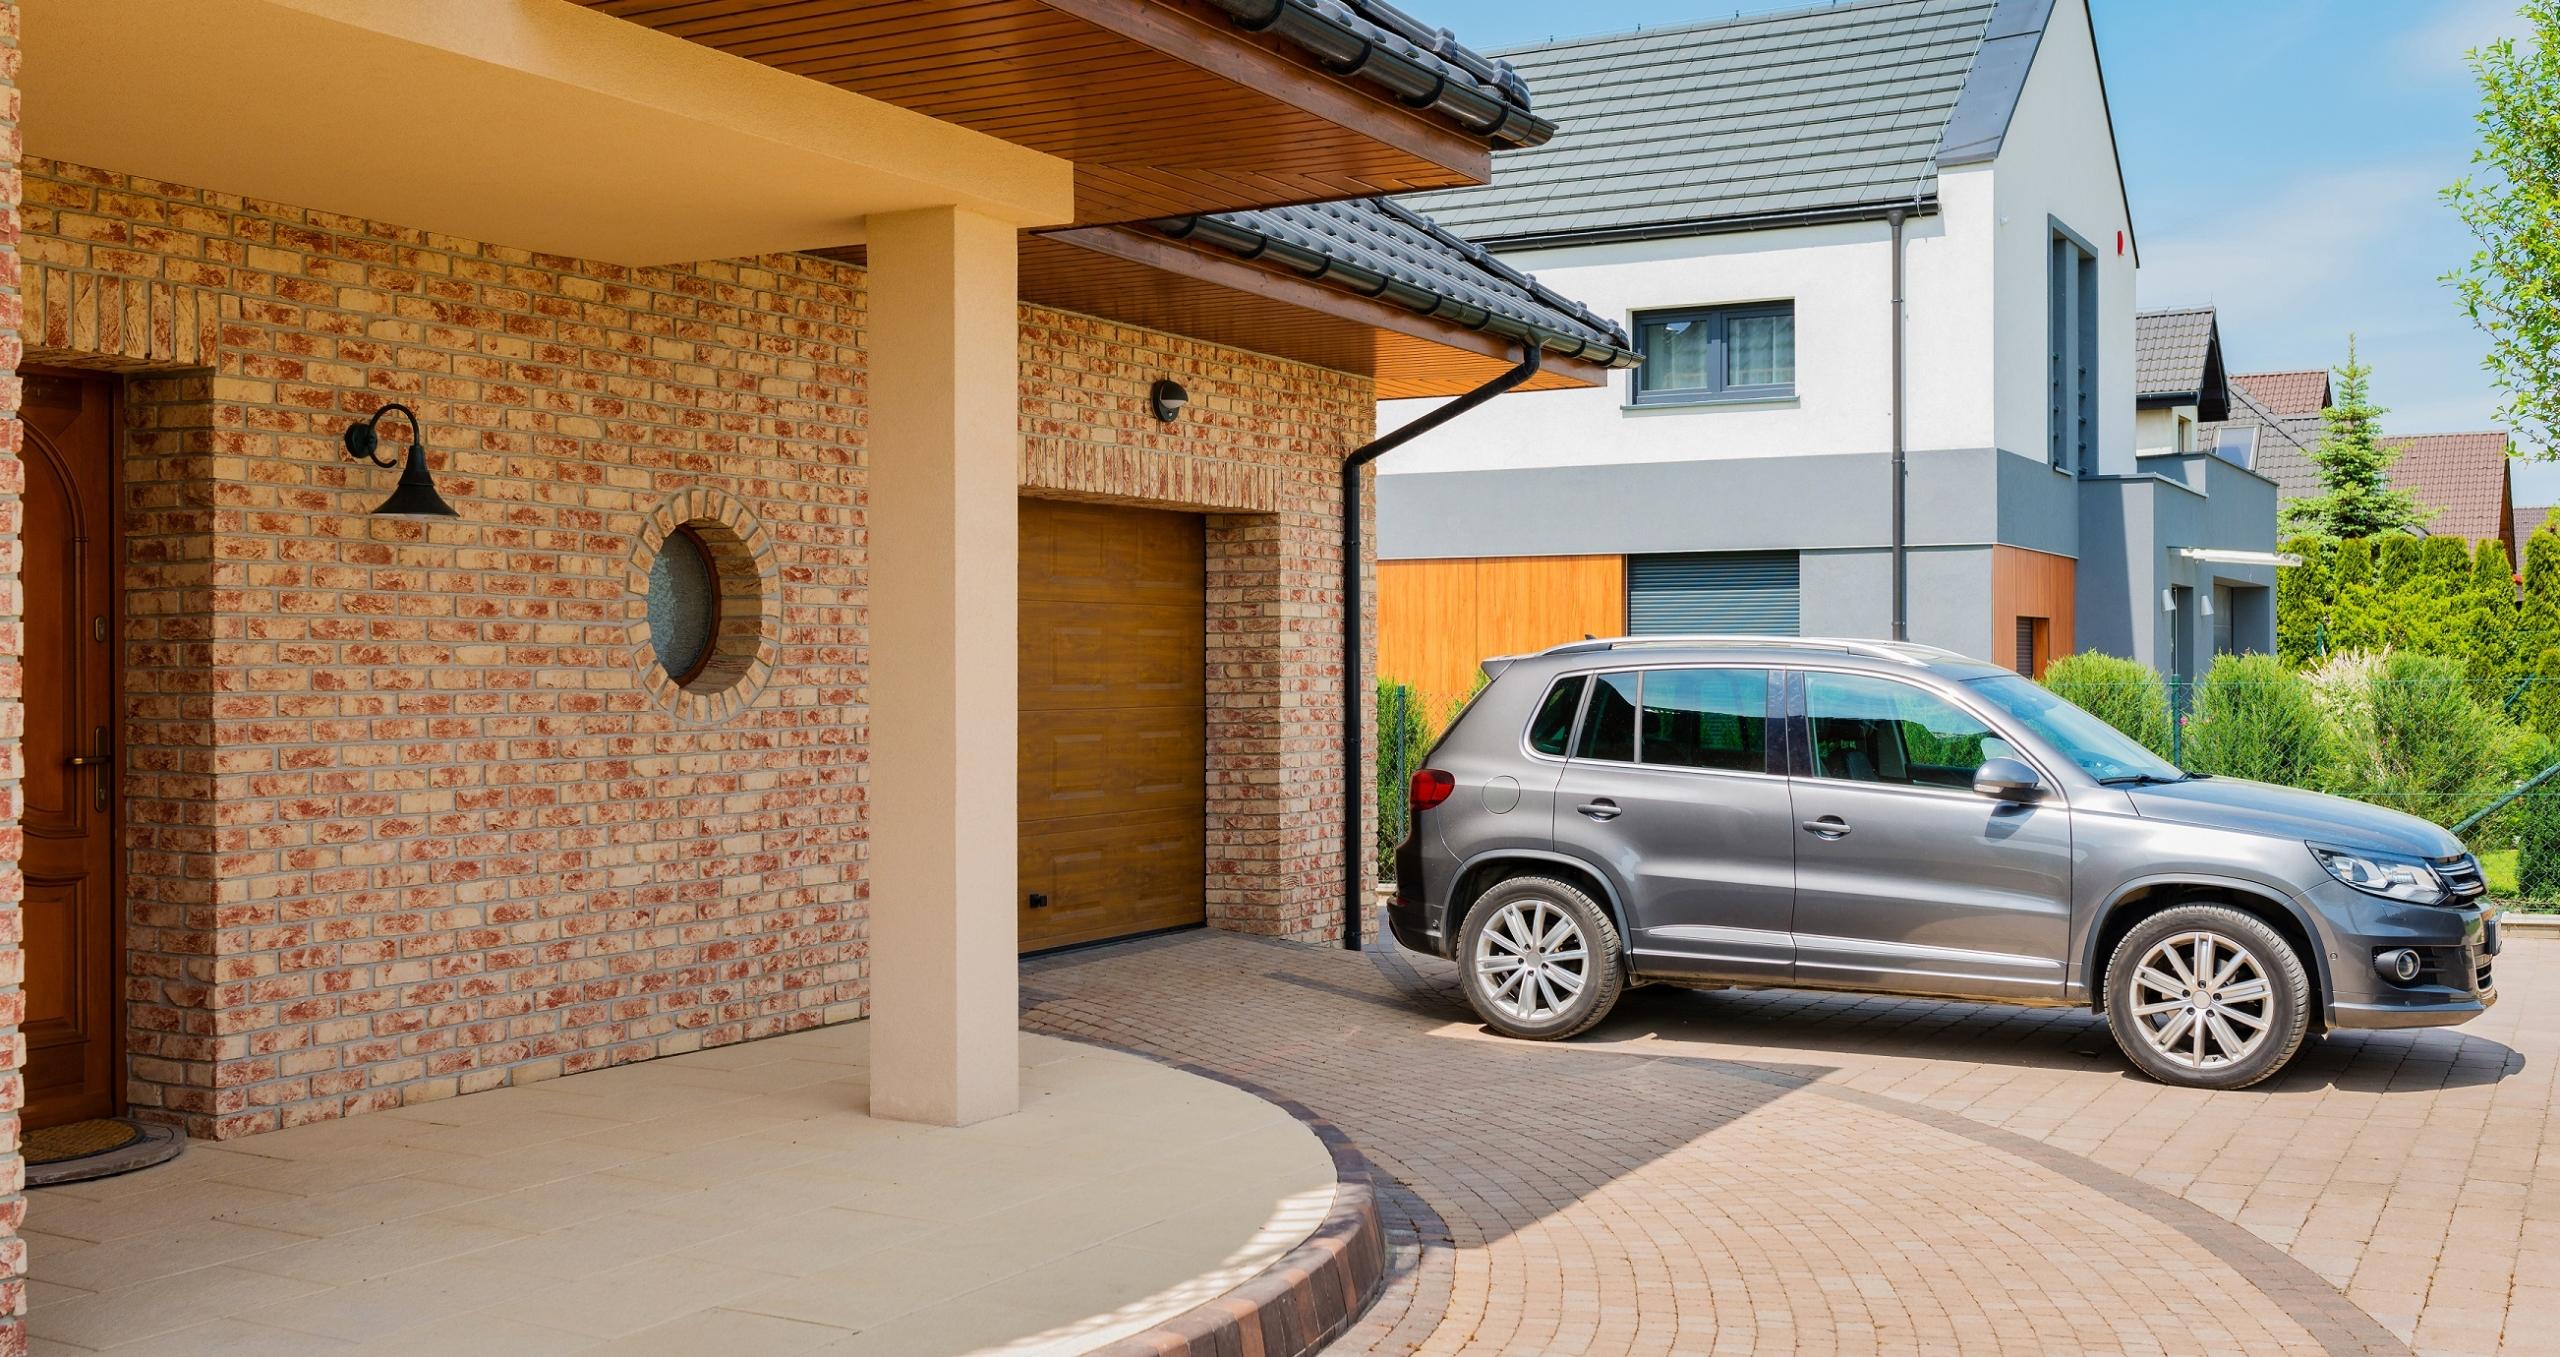 Control de accesos para garaje desde movil